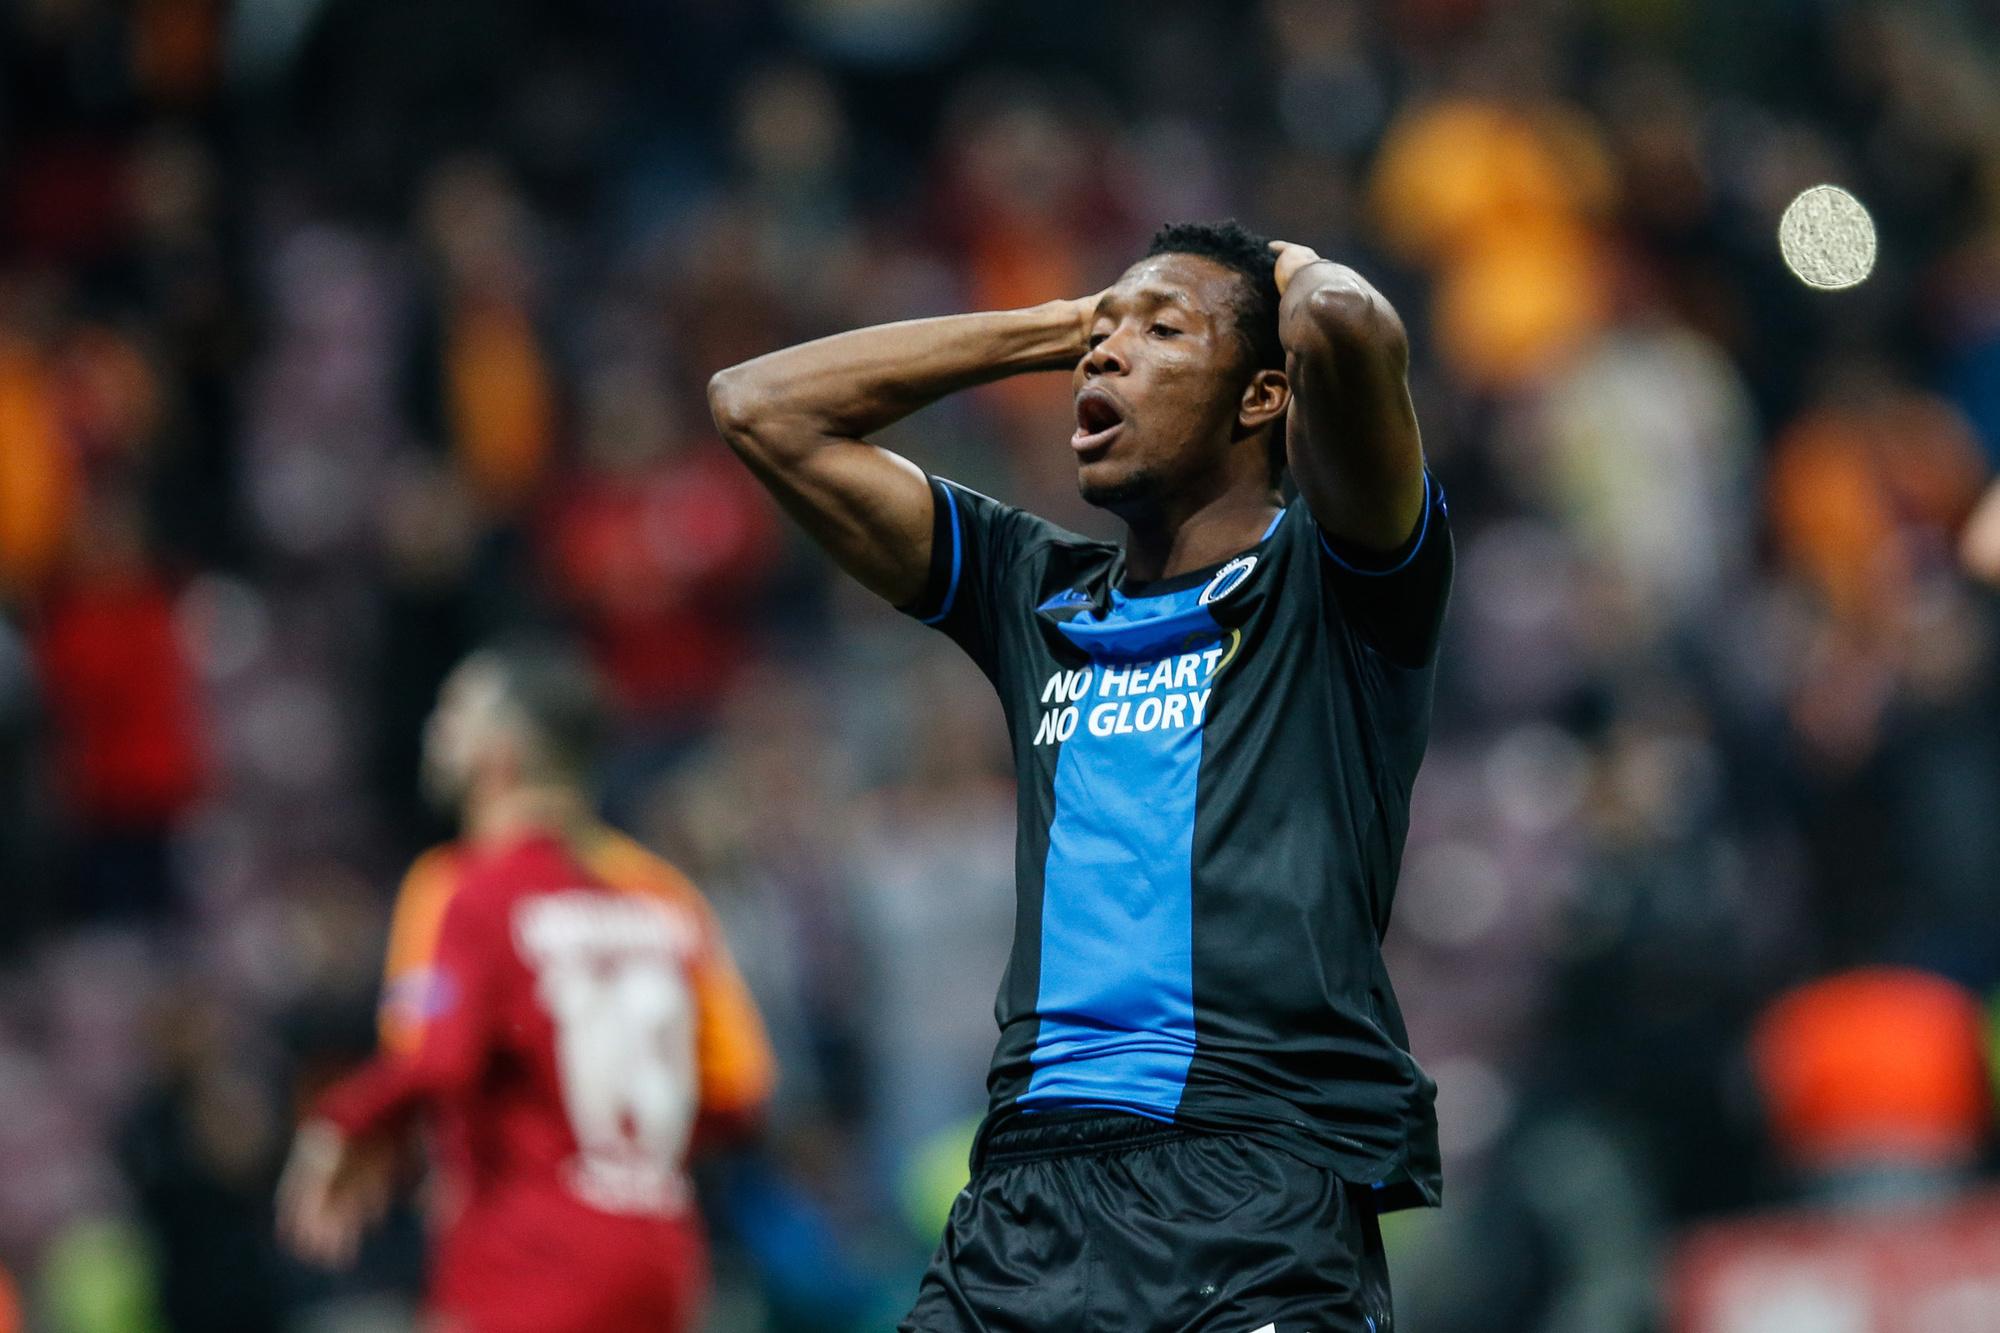 Bij Club Brugge blijven ze zoeken naar een nieuwe spits nu Michaek Krmencik en David Okereke niet goed genoeg bleken, Belga Image